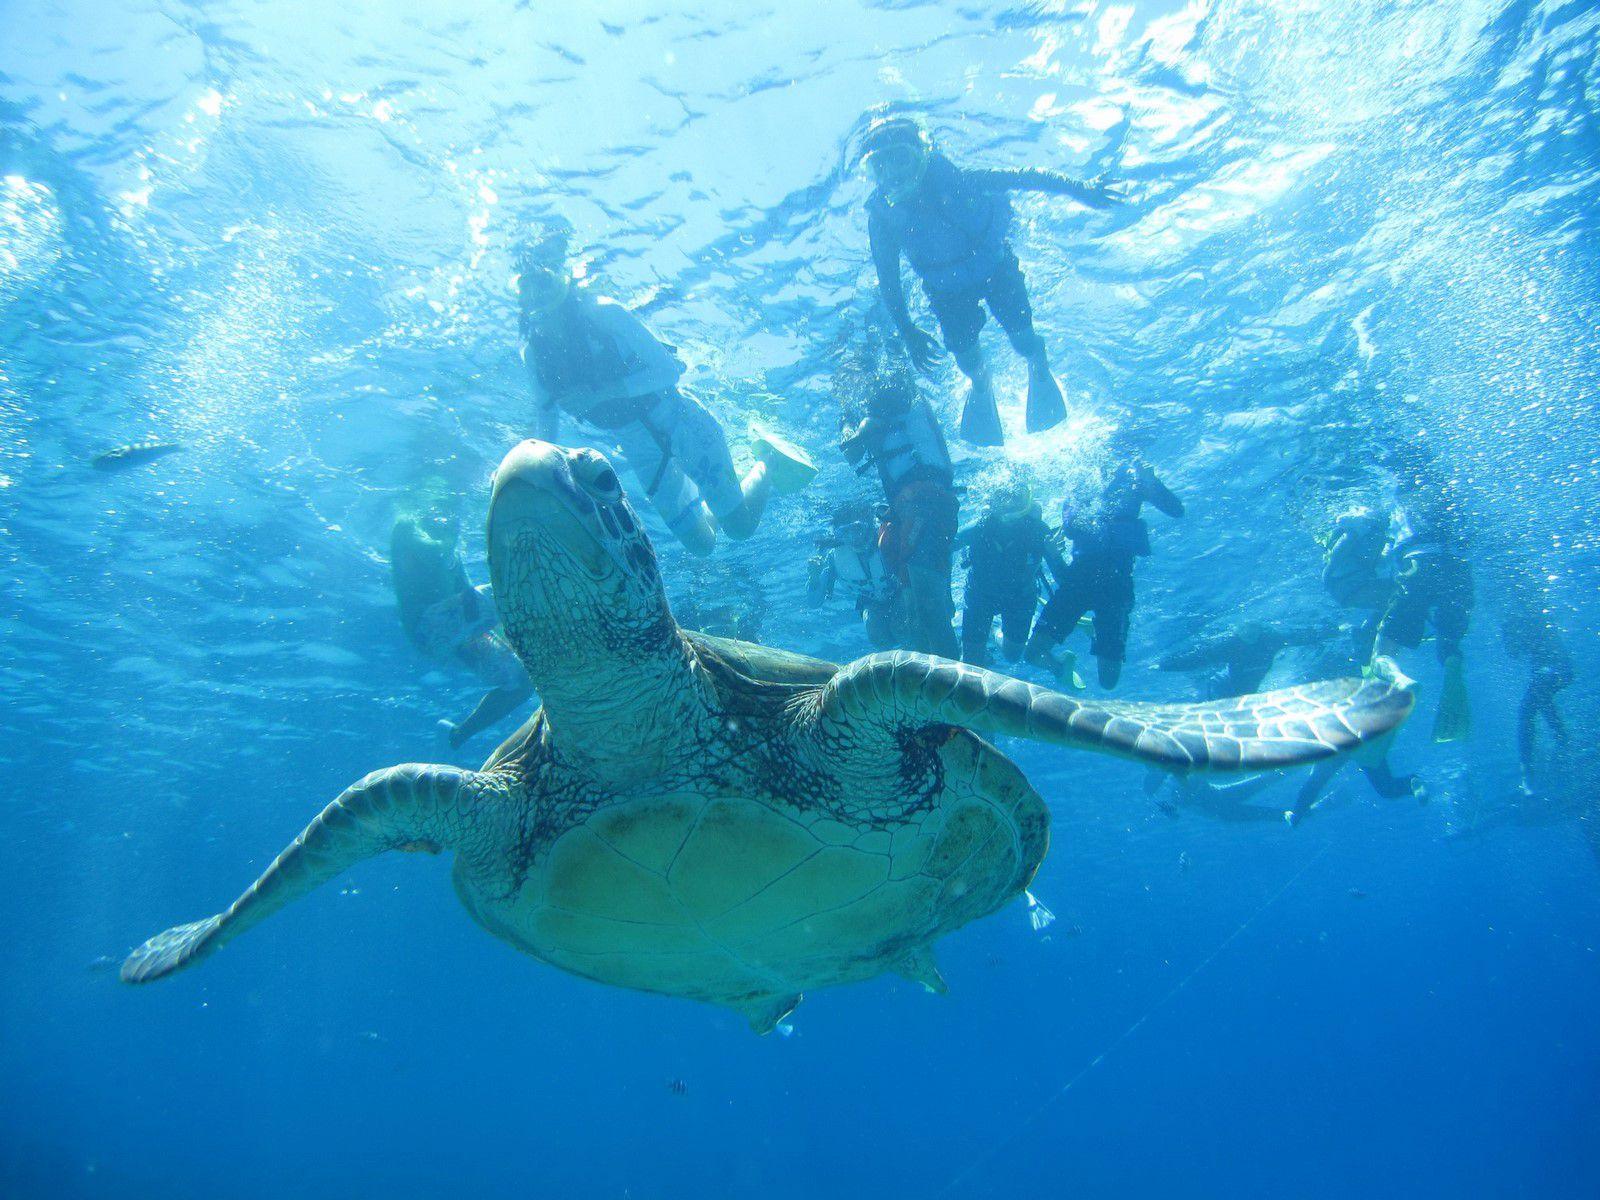 ケラマ諸島 3つのポイントを巡る日帰りツア- スノ-ケルコ-ス